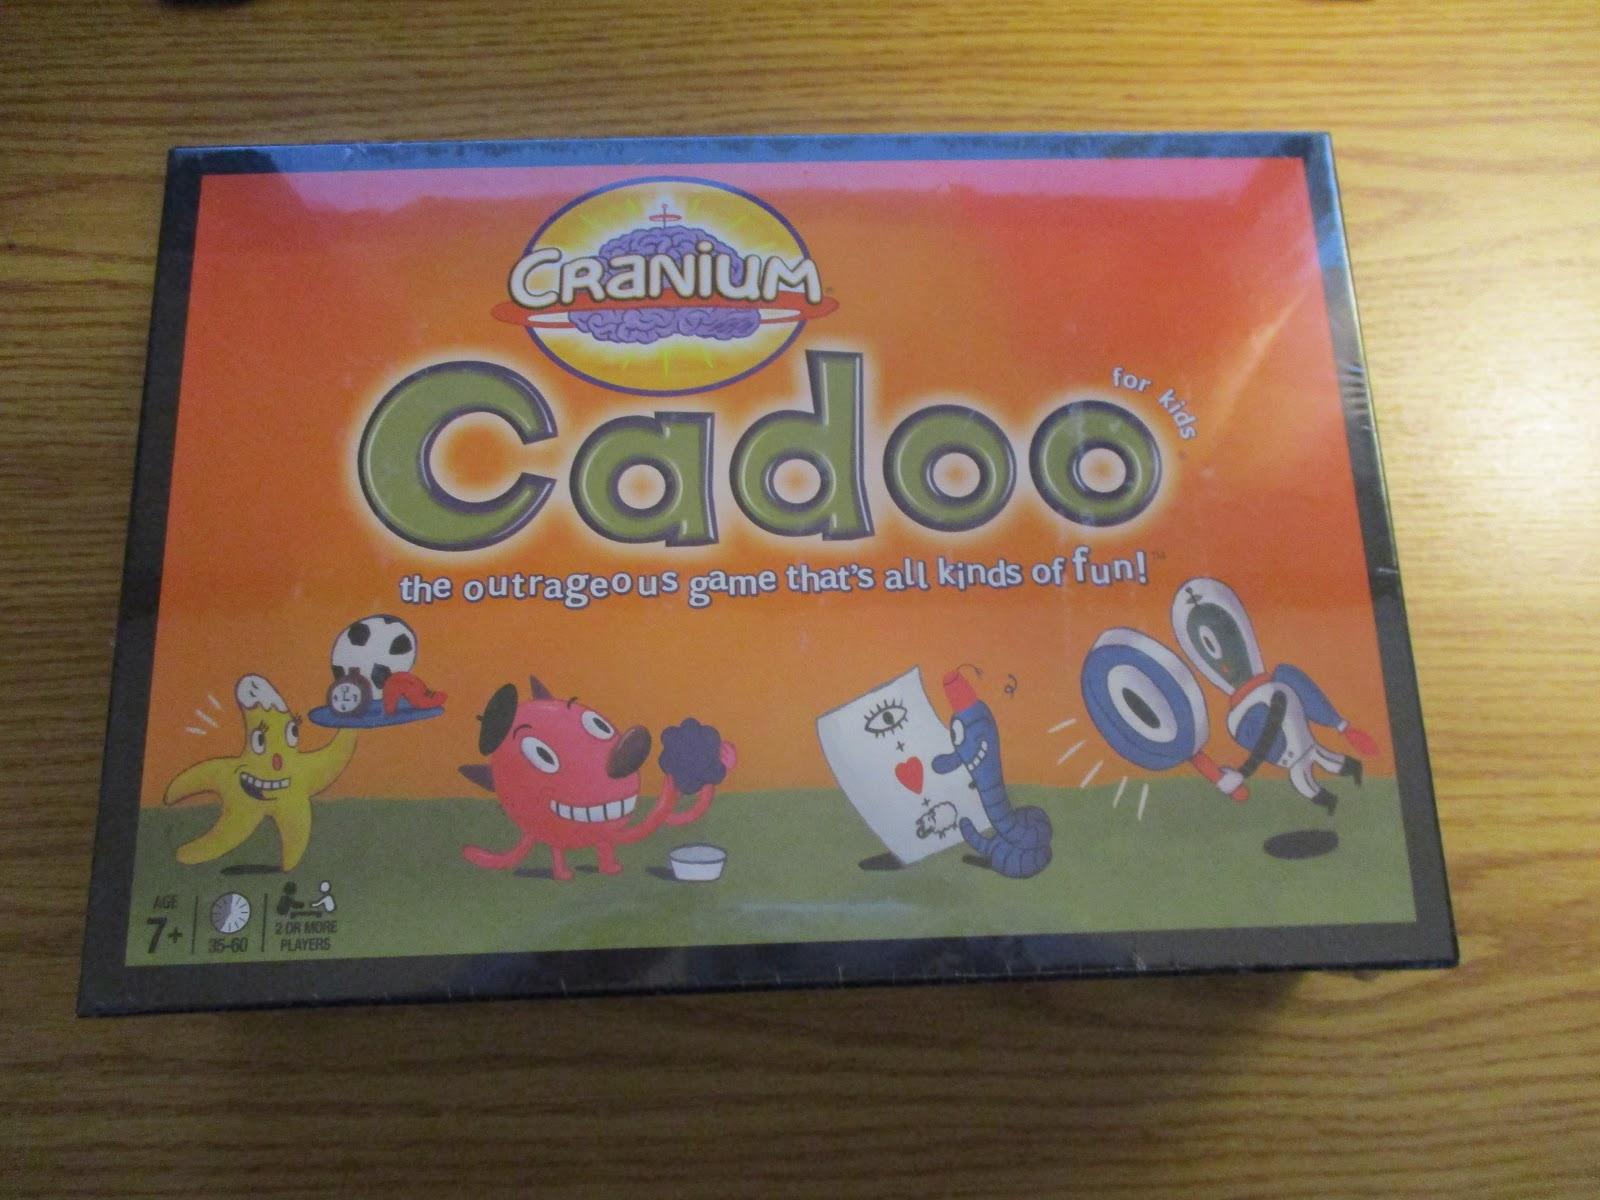 how to play cranium cadoo